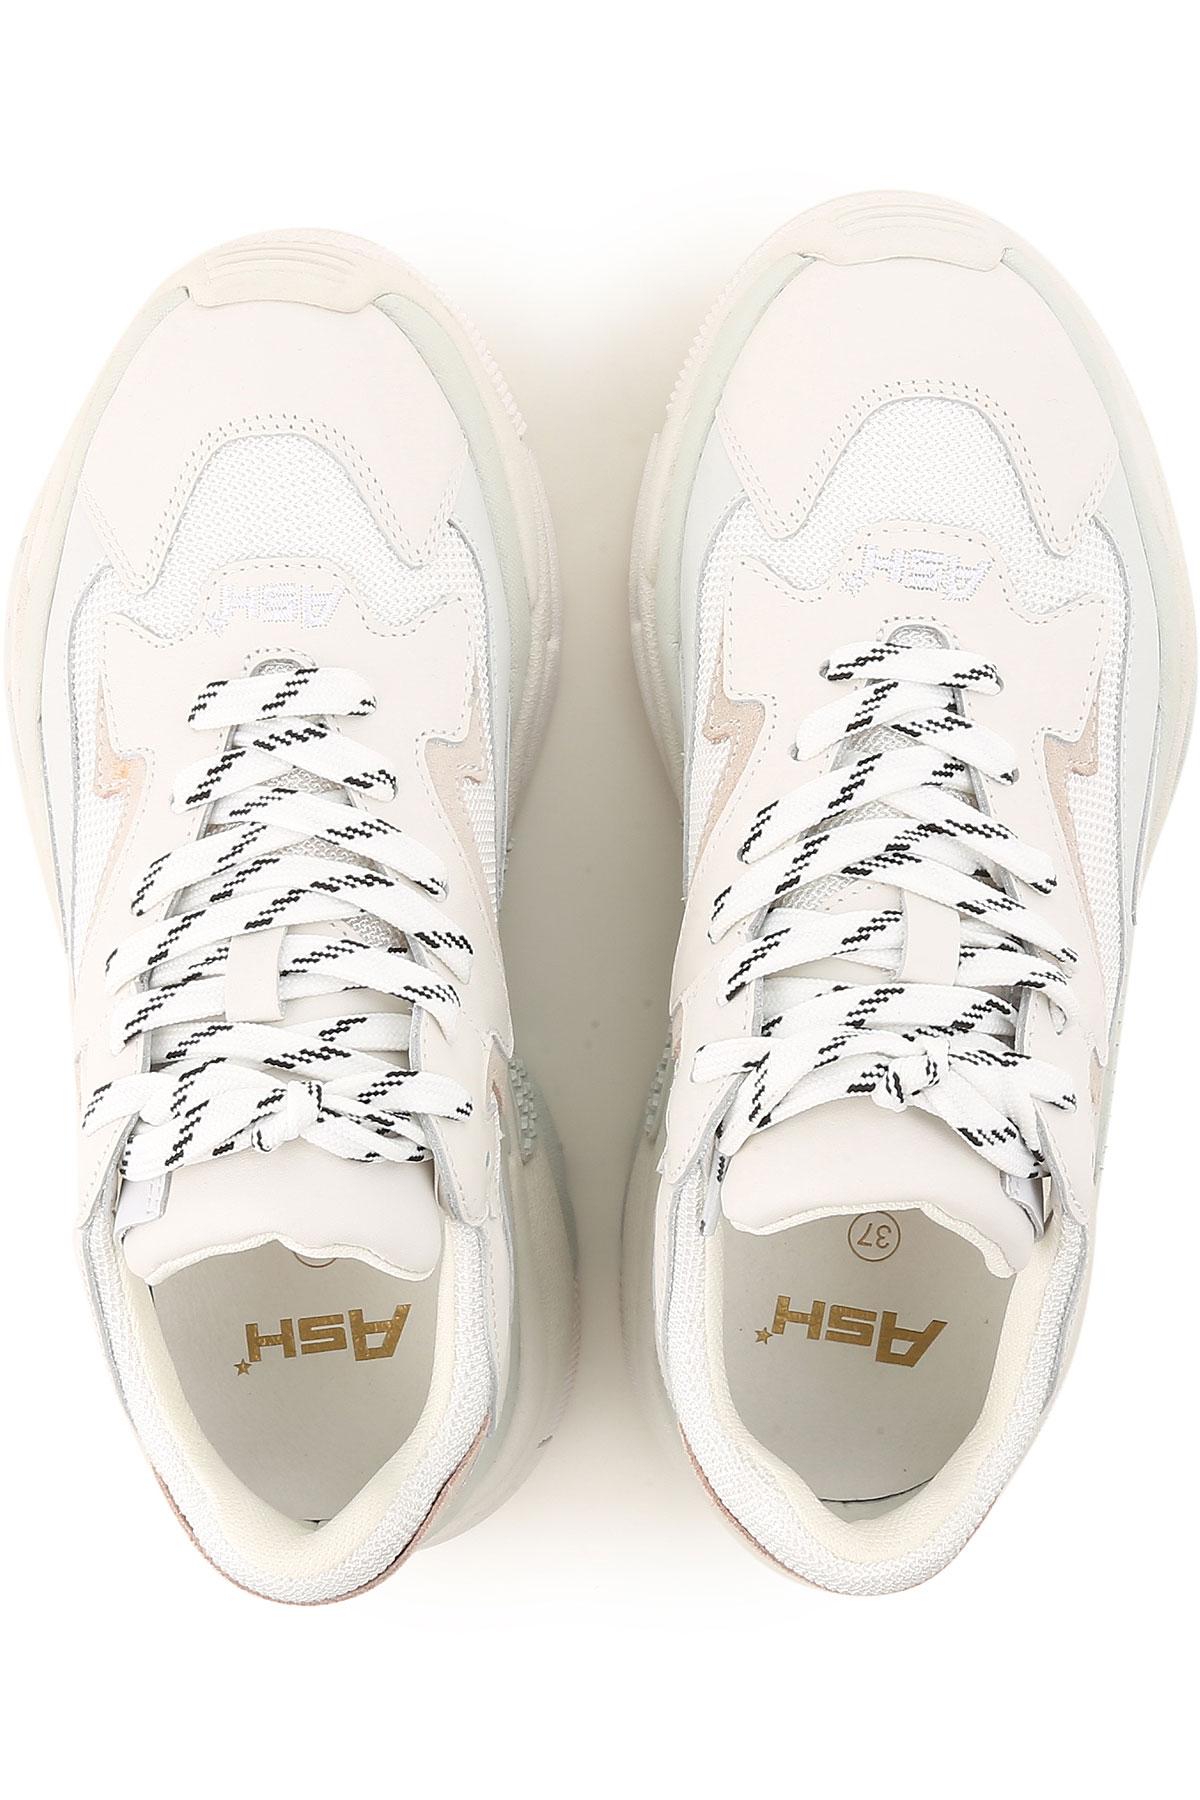 nbsp;gris Hielo Zapatos verano Blanco Para Ash Mujer Primavera 2019 81PvKOwq